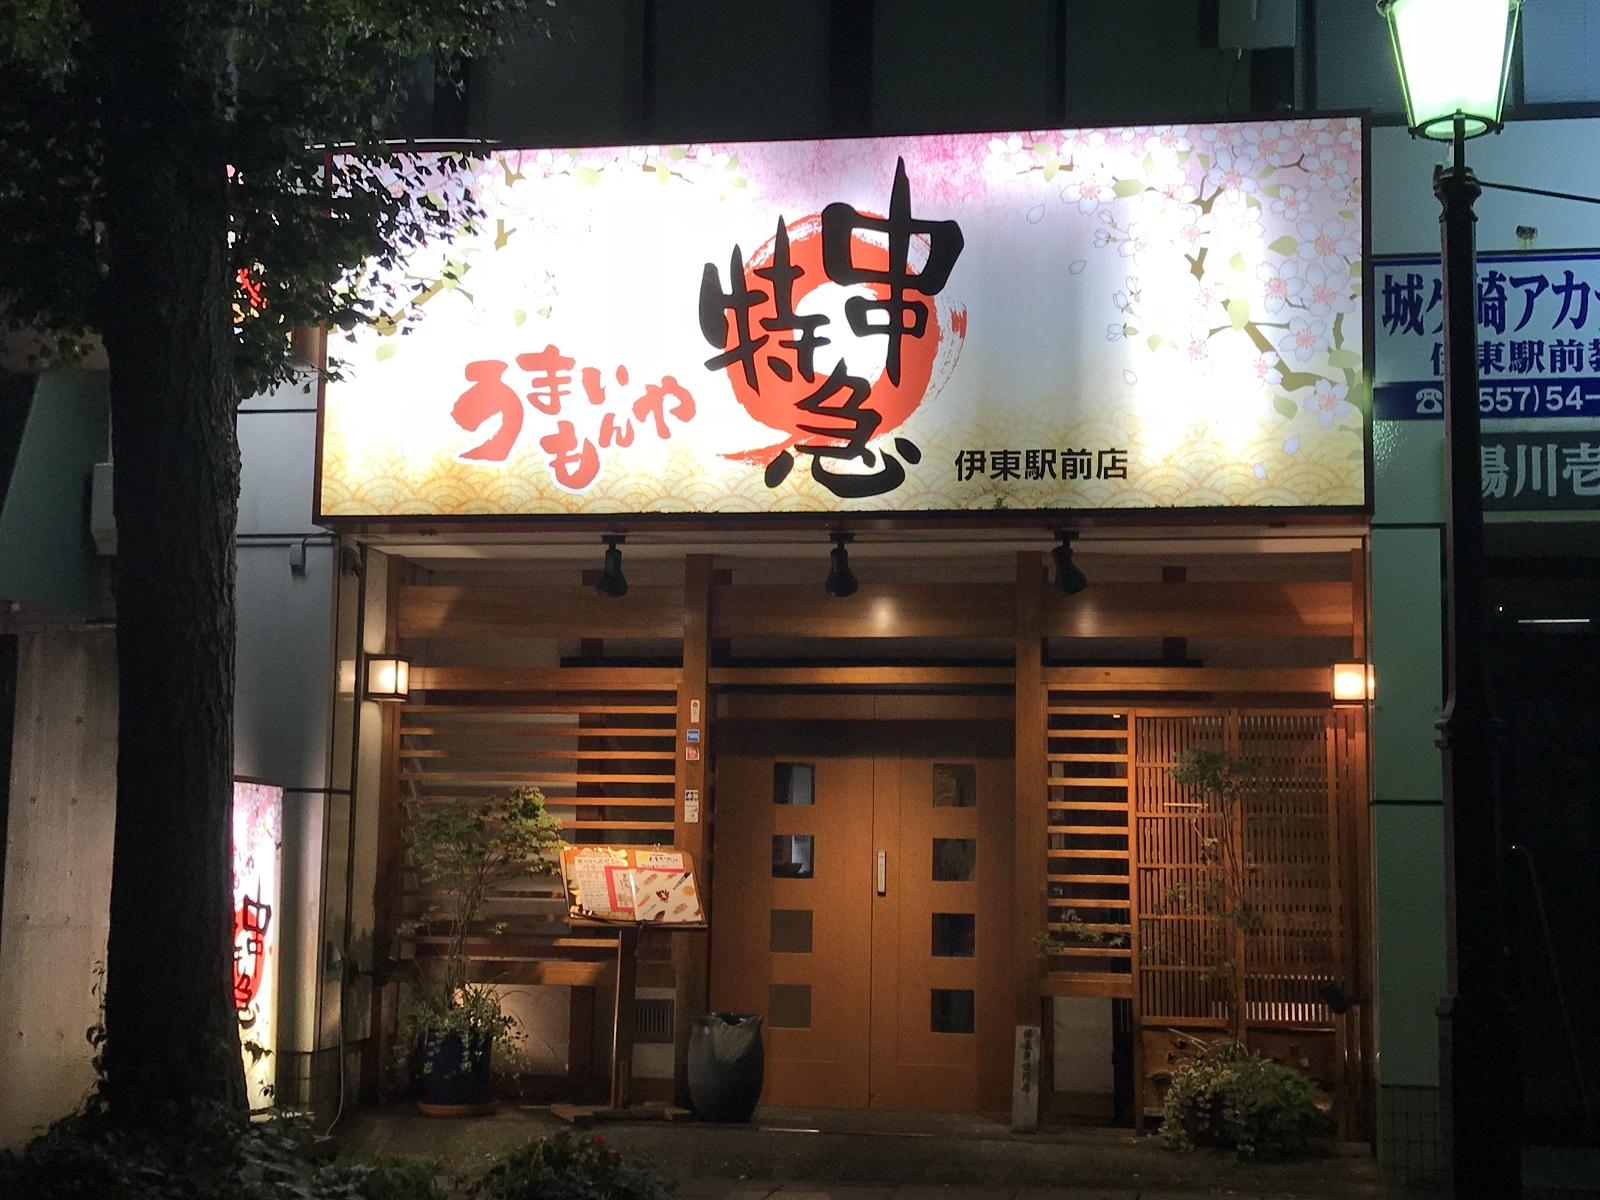 串特急 伊東駅前店